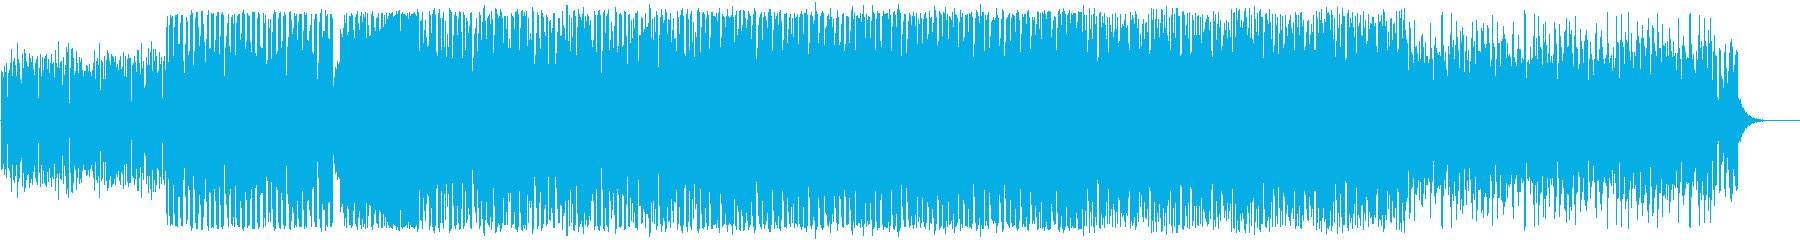 勢いがあり、明るく前向きなEDM系BGMの再生済みの波形